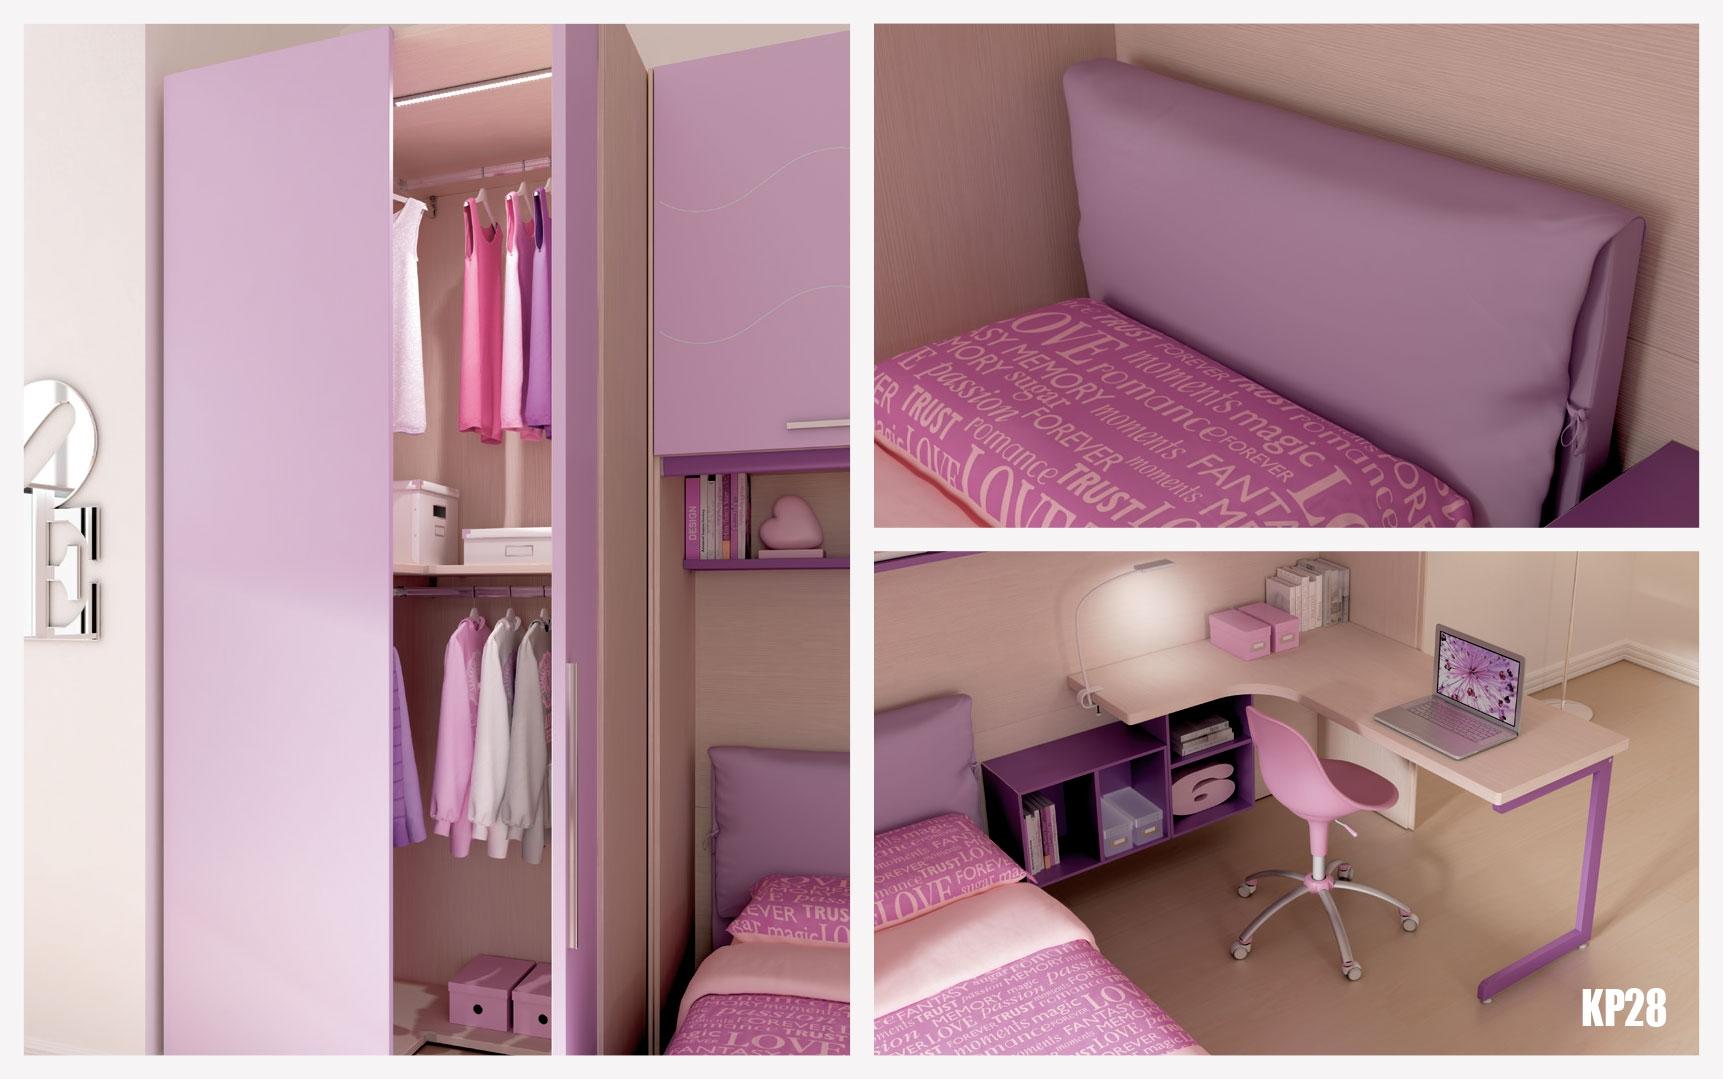 chambre enfant avec lit simple pour fille moretti compact so nuit. Black Bedroom Furniture Sets. Home Design Ideas